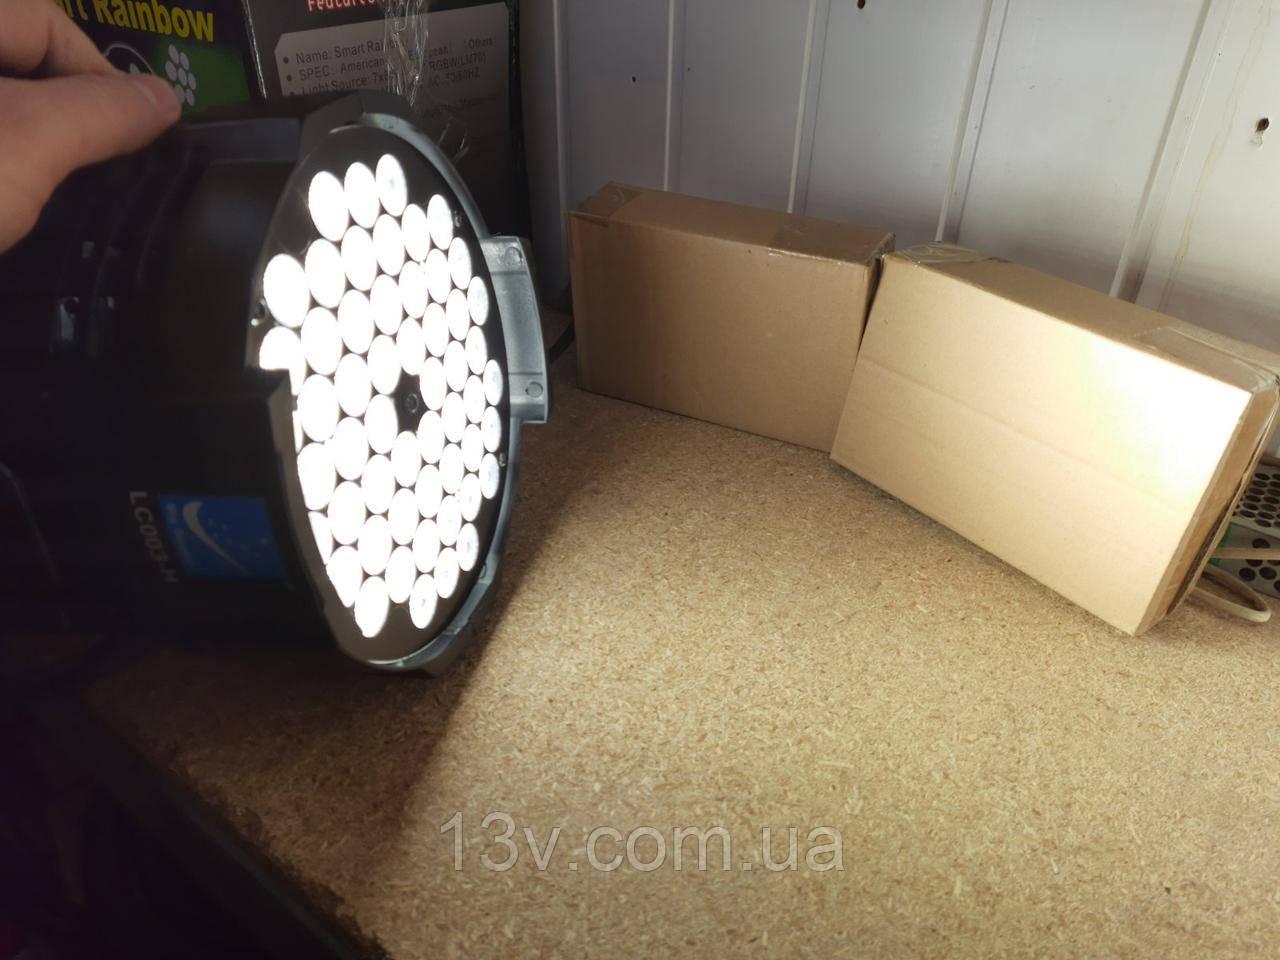 Білий Діодний Ліхтар PAR54 White (Білий теплий/холодний) Bid Dipper LC003-H